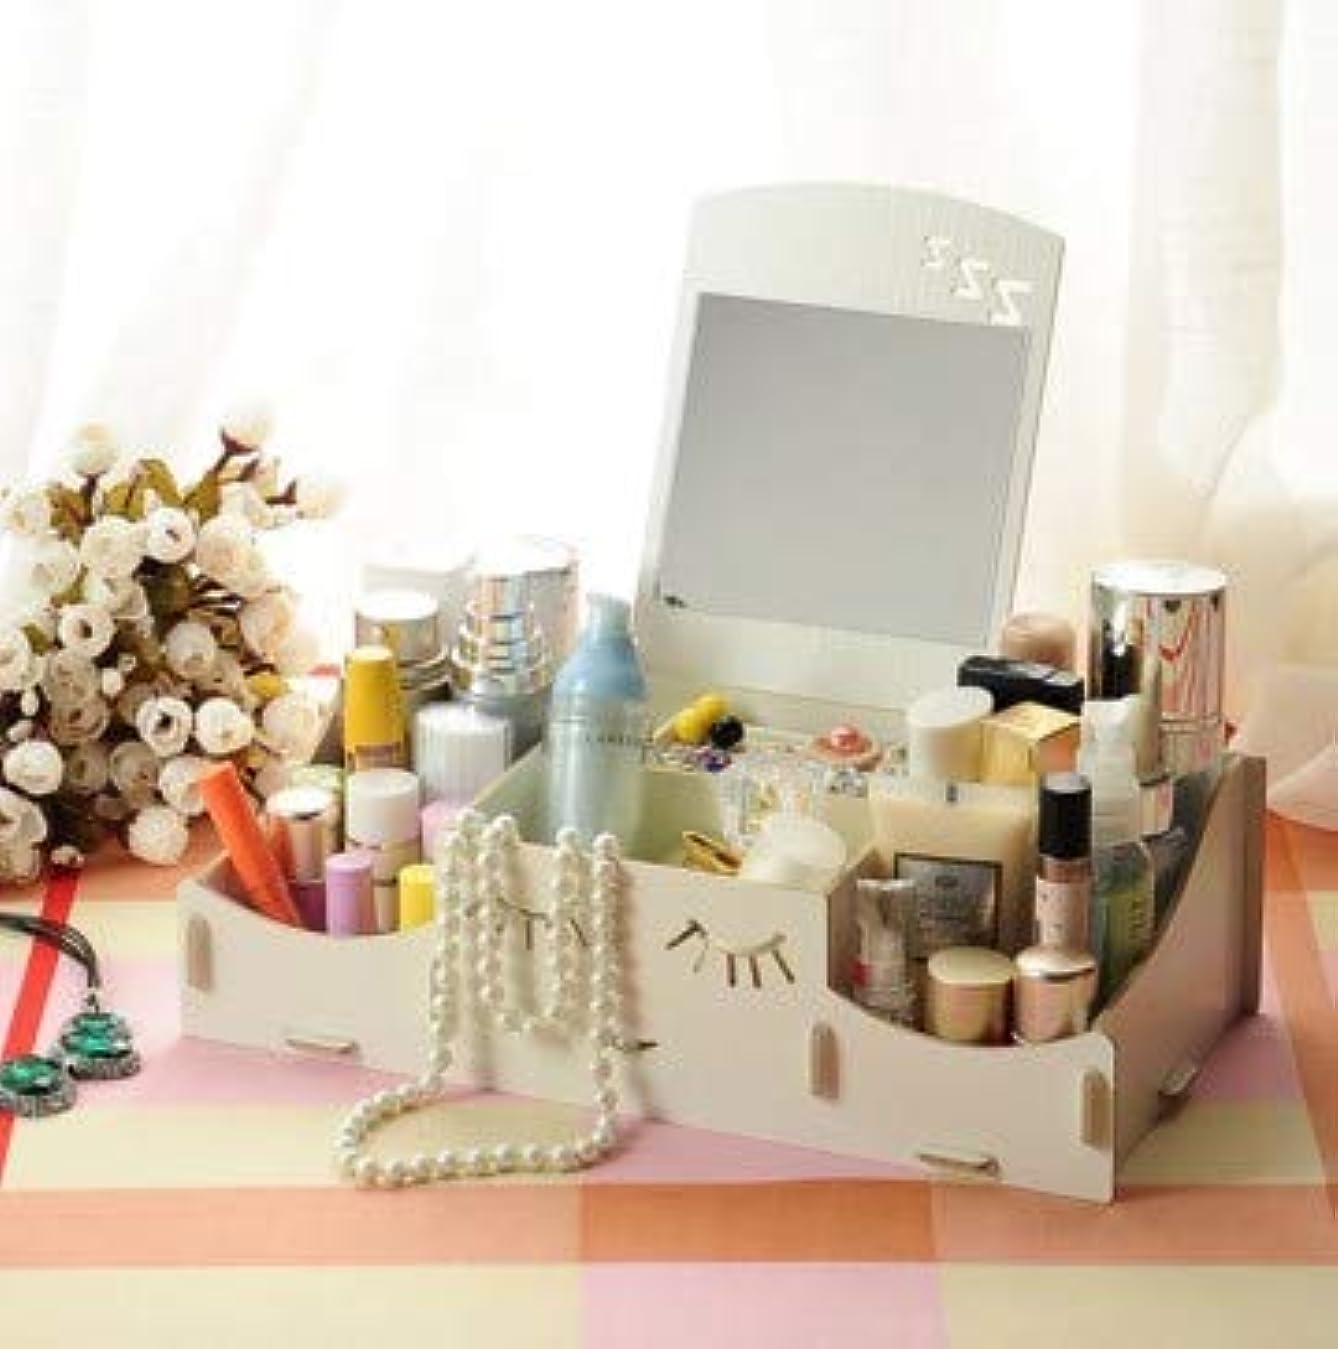 胸光沢たらいスマイリー木製クリエイティブ収納ボックス手作りデスクトップミラー化粧品収納ボックス化粧品収納ボックス (Color : ホワイト)